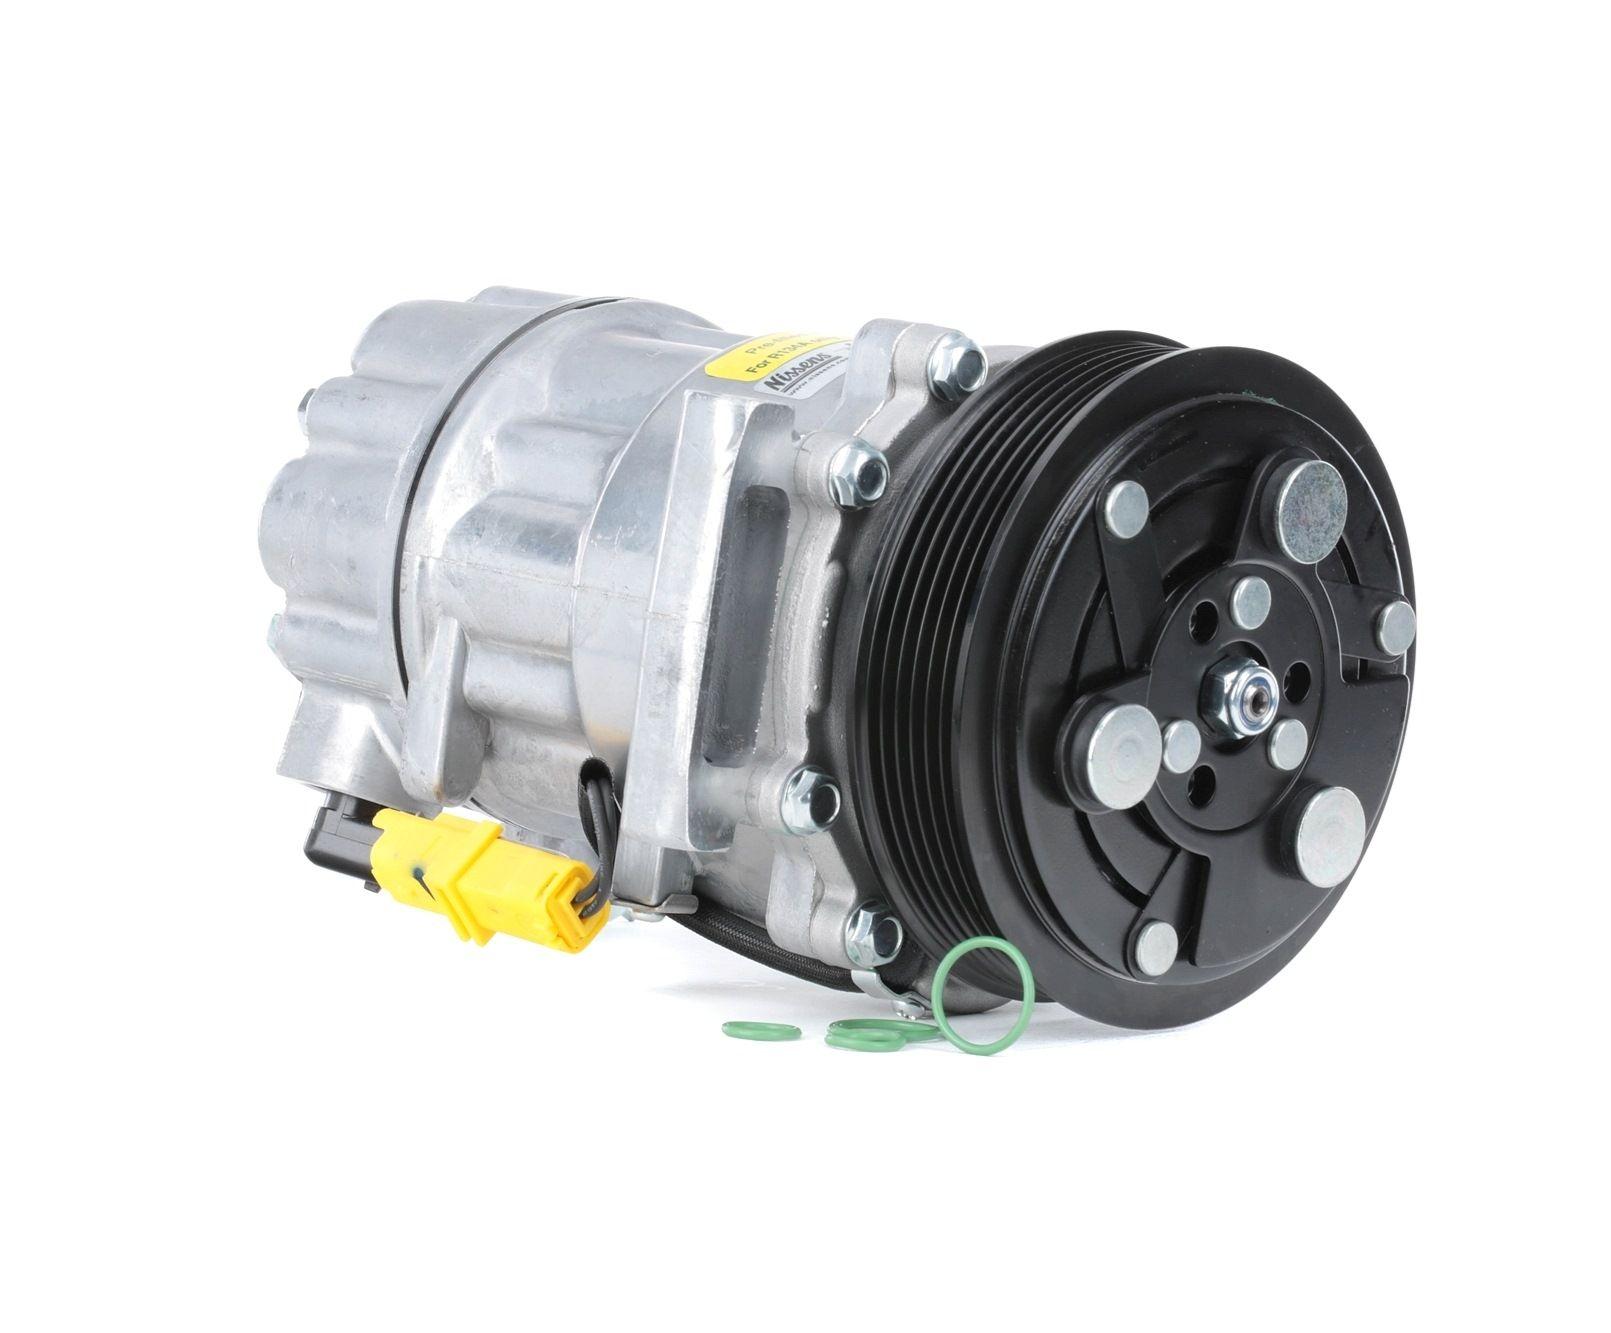 NISSENS: Original Kompressor Klimaanlage 89067 (Riemenscheiben-Ø: 119mm, Anzahl der Rillen: 6)